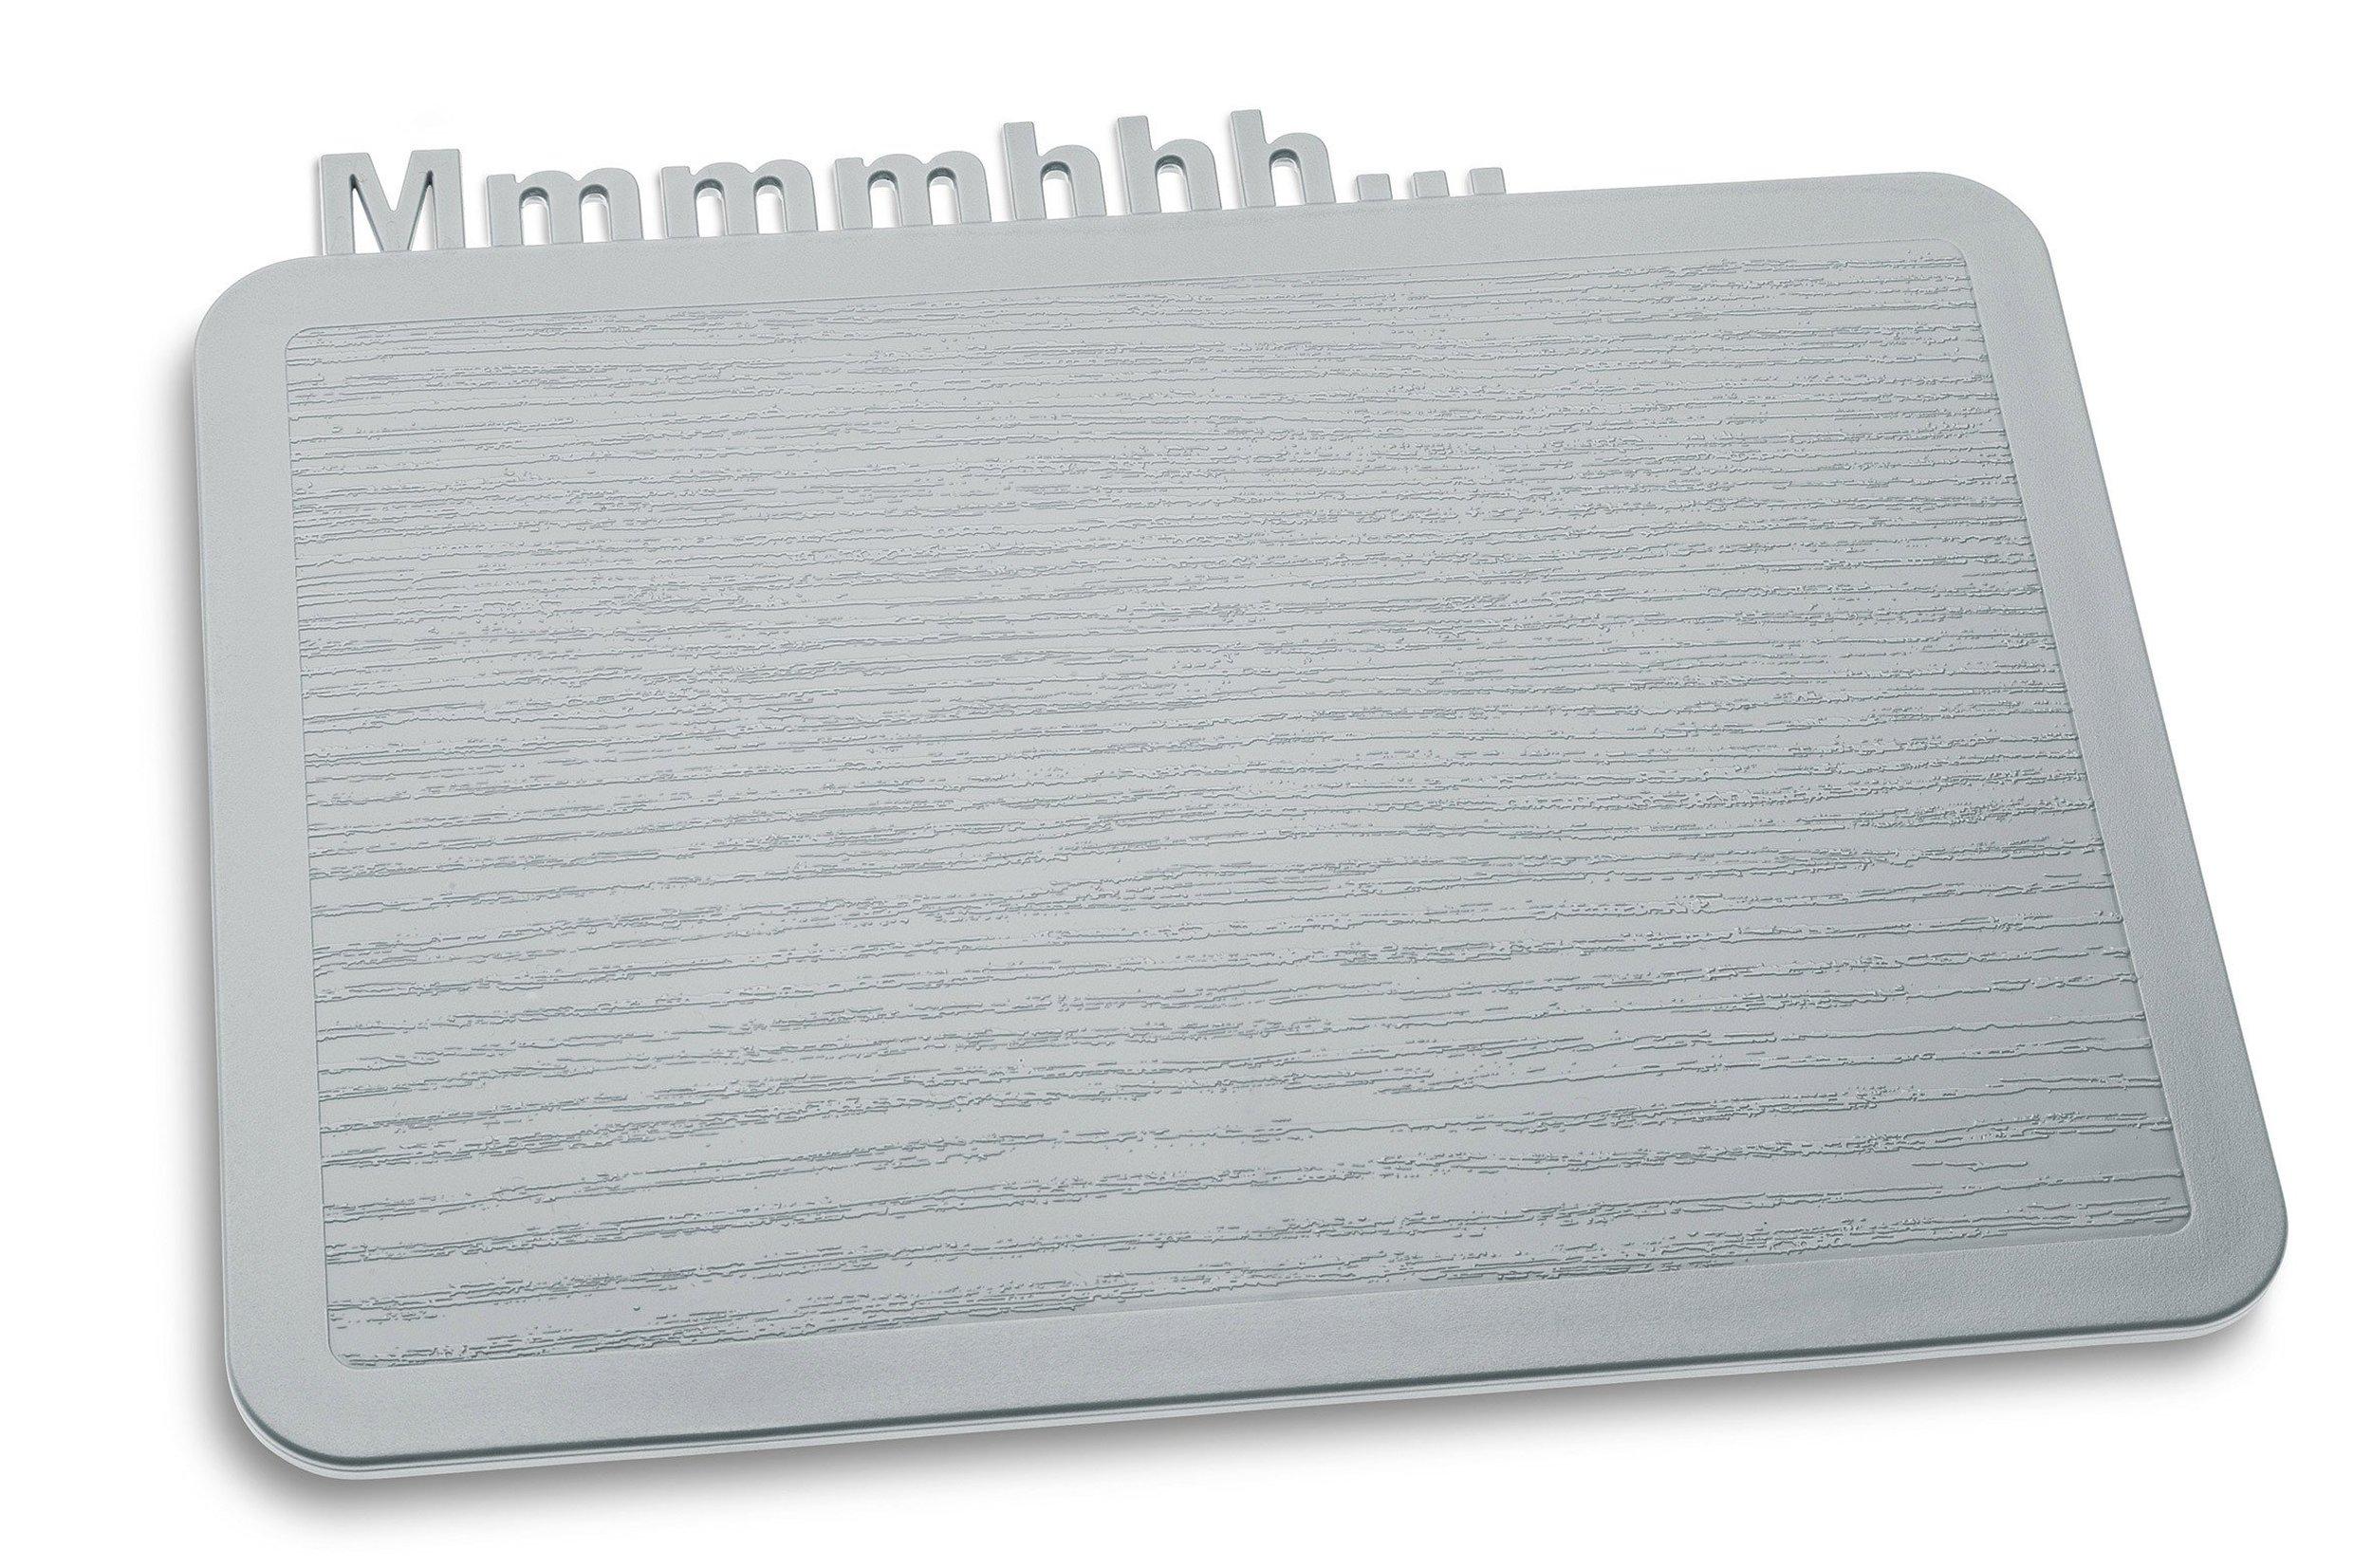 Deska śniadaniowa Happy Boards Mmmmhhh... szara